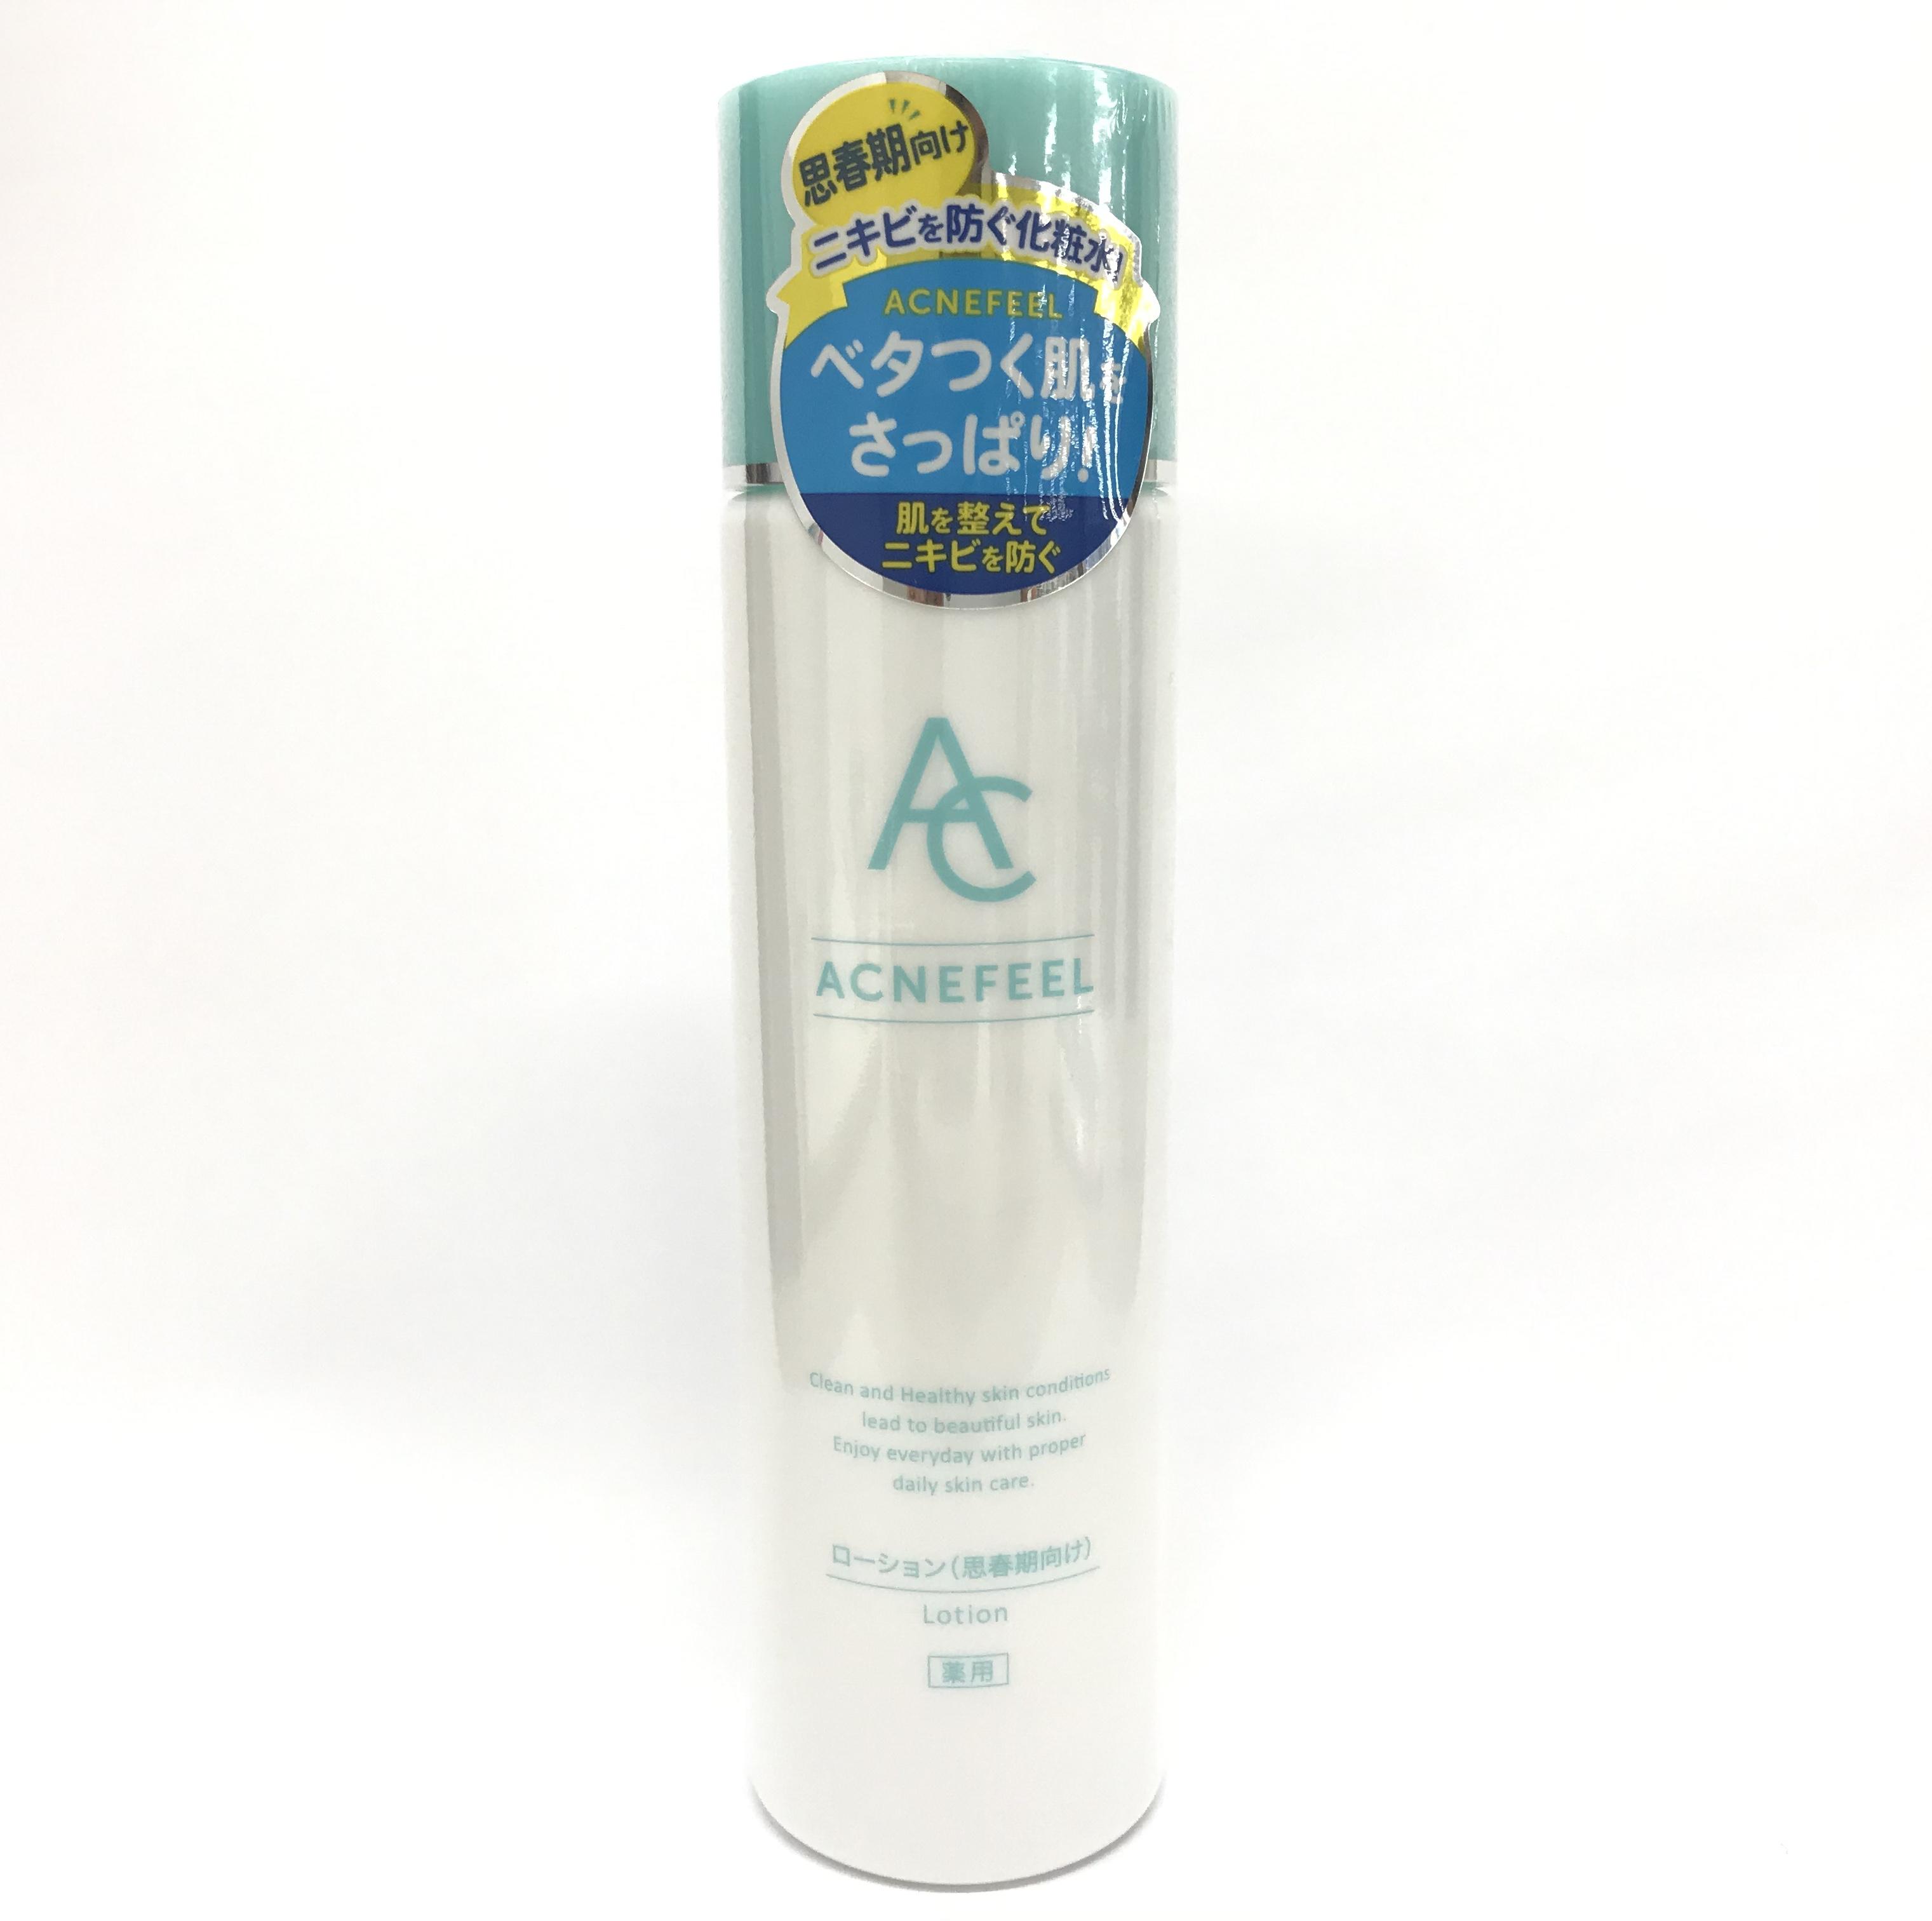 アクネフィール<br>薬用ローション(思春期向け)150ml<br>思春期向けのニキビを防ぐ化粧水!